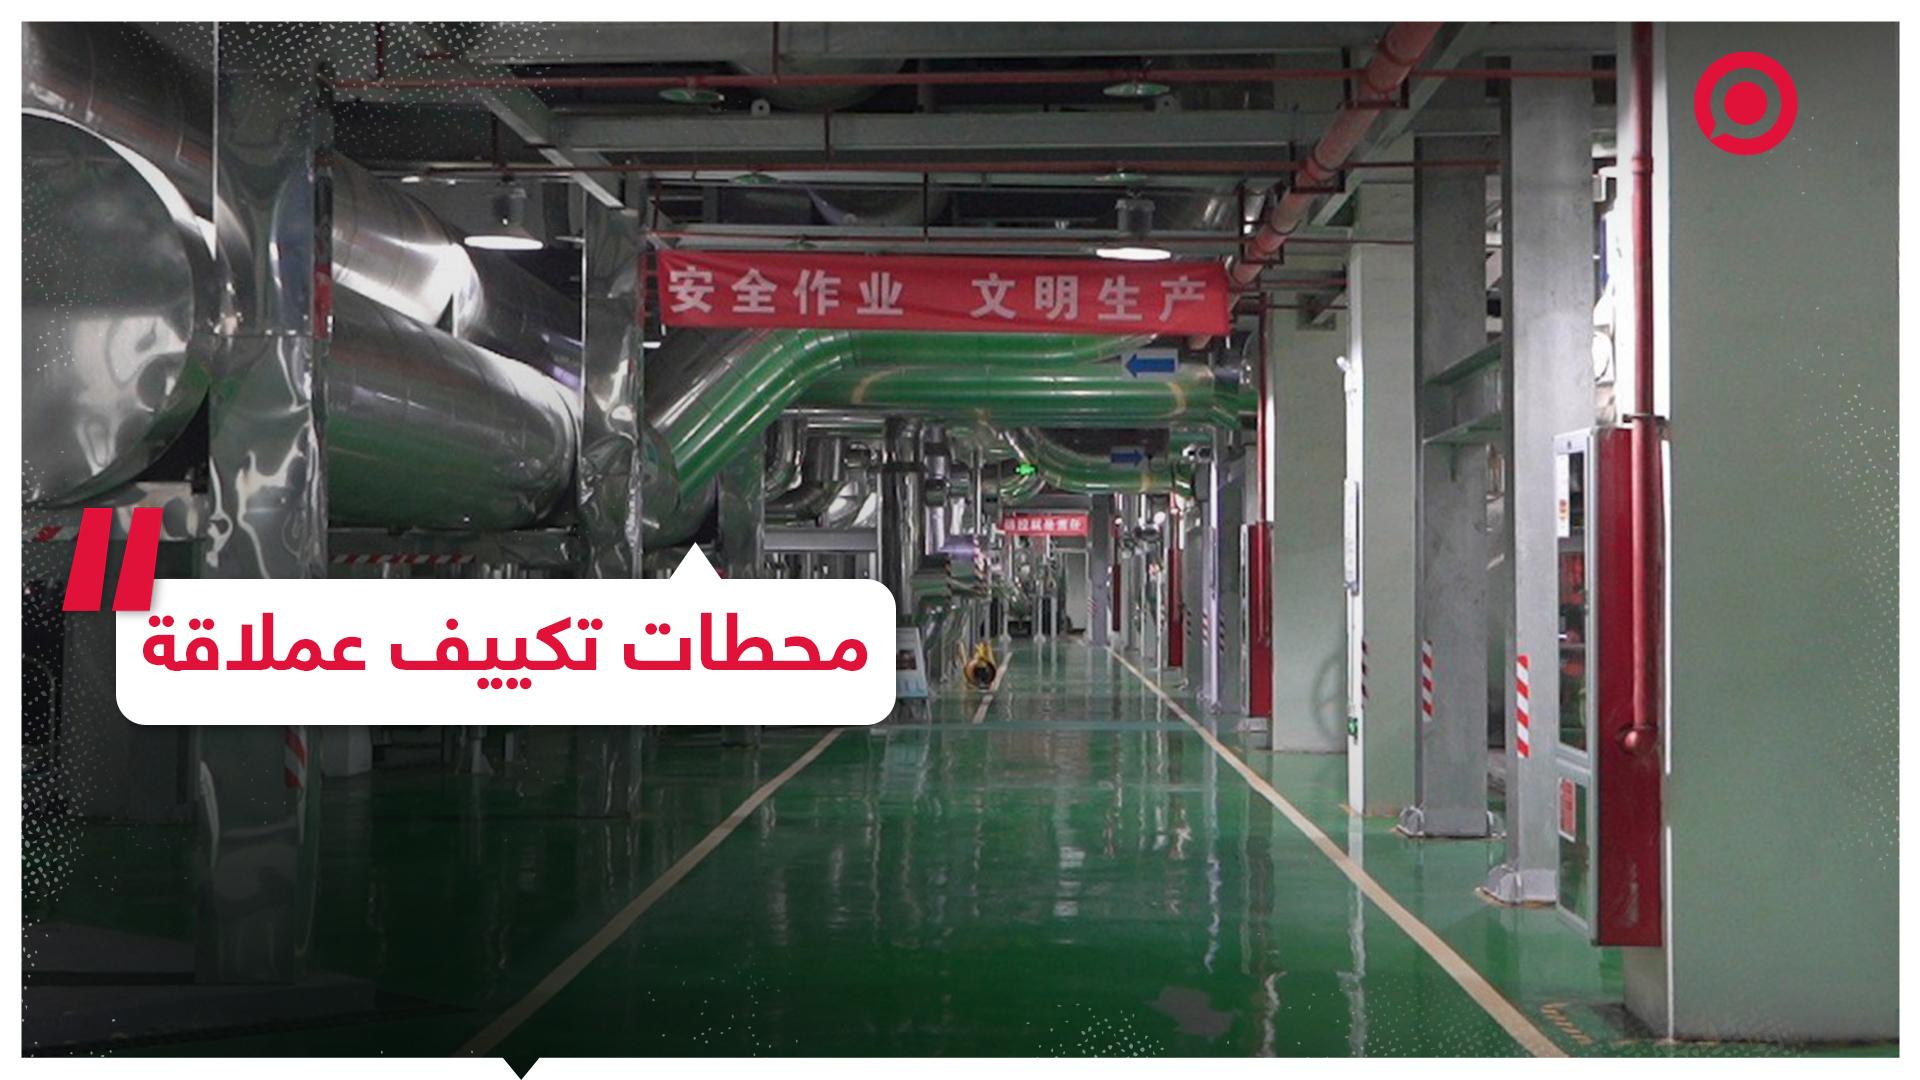 الصين تبني محطات تكييف عملاقة لتبريد أحياء بأكملها